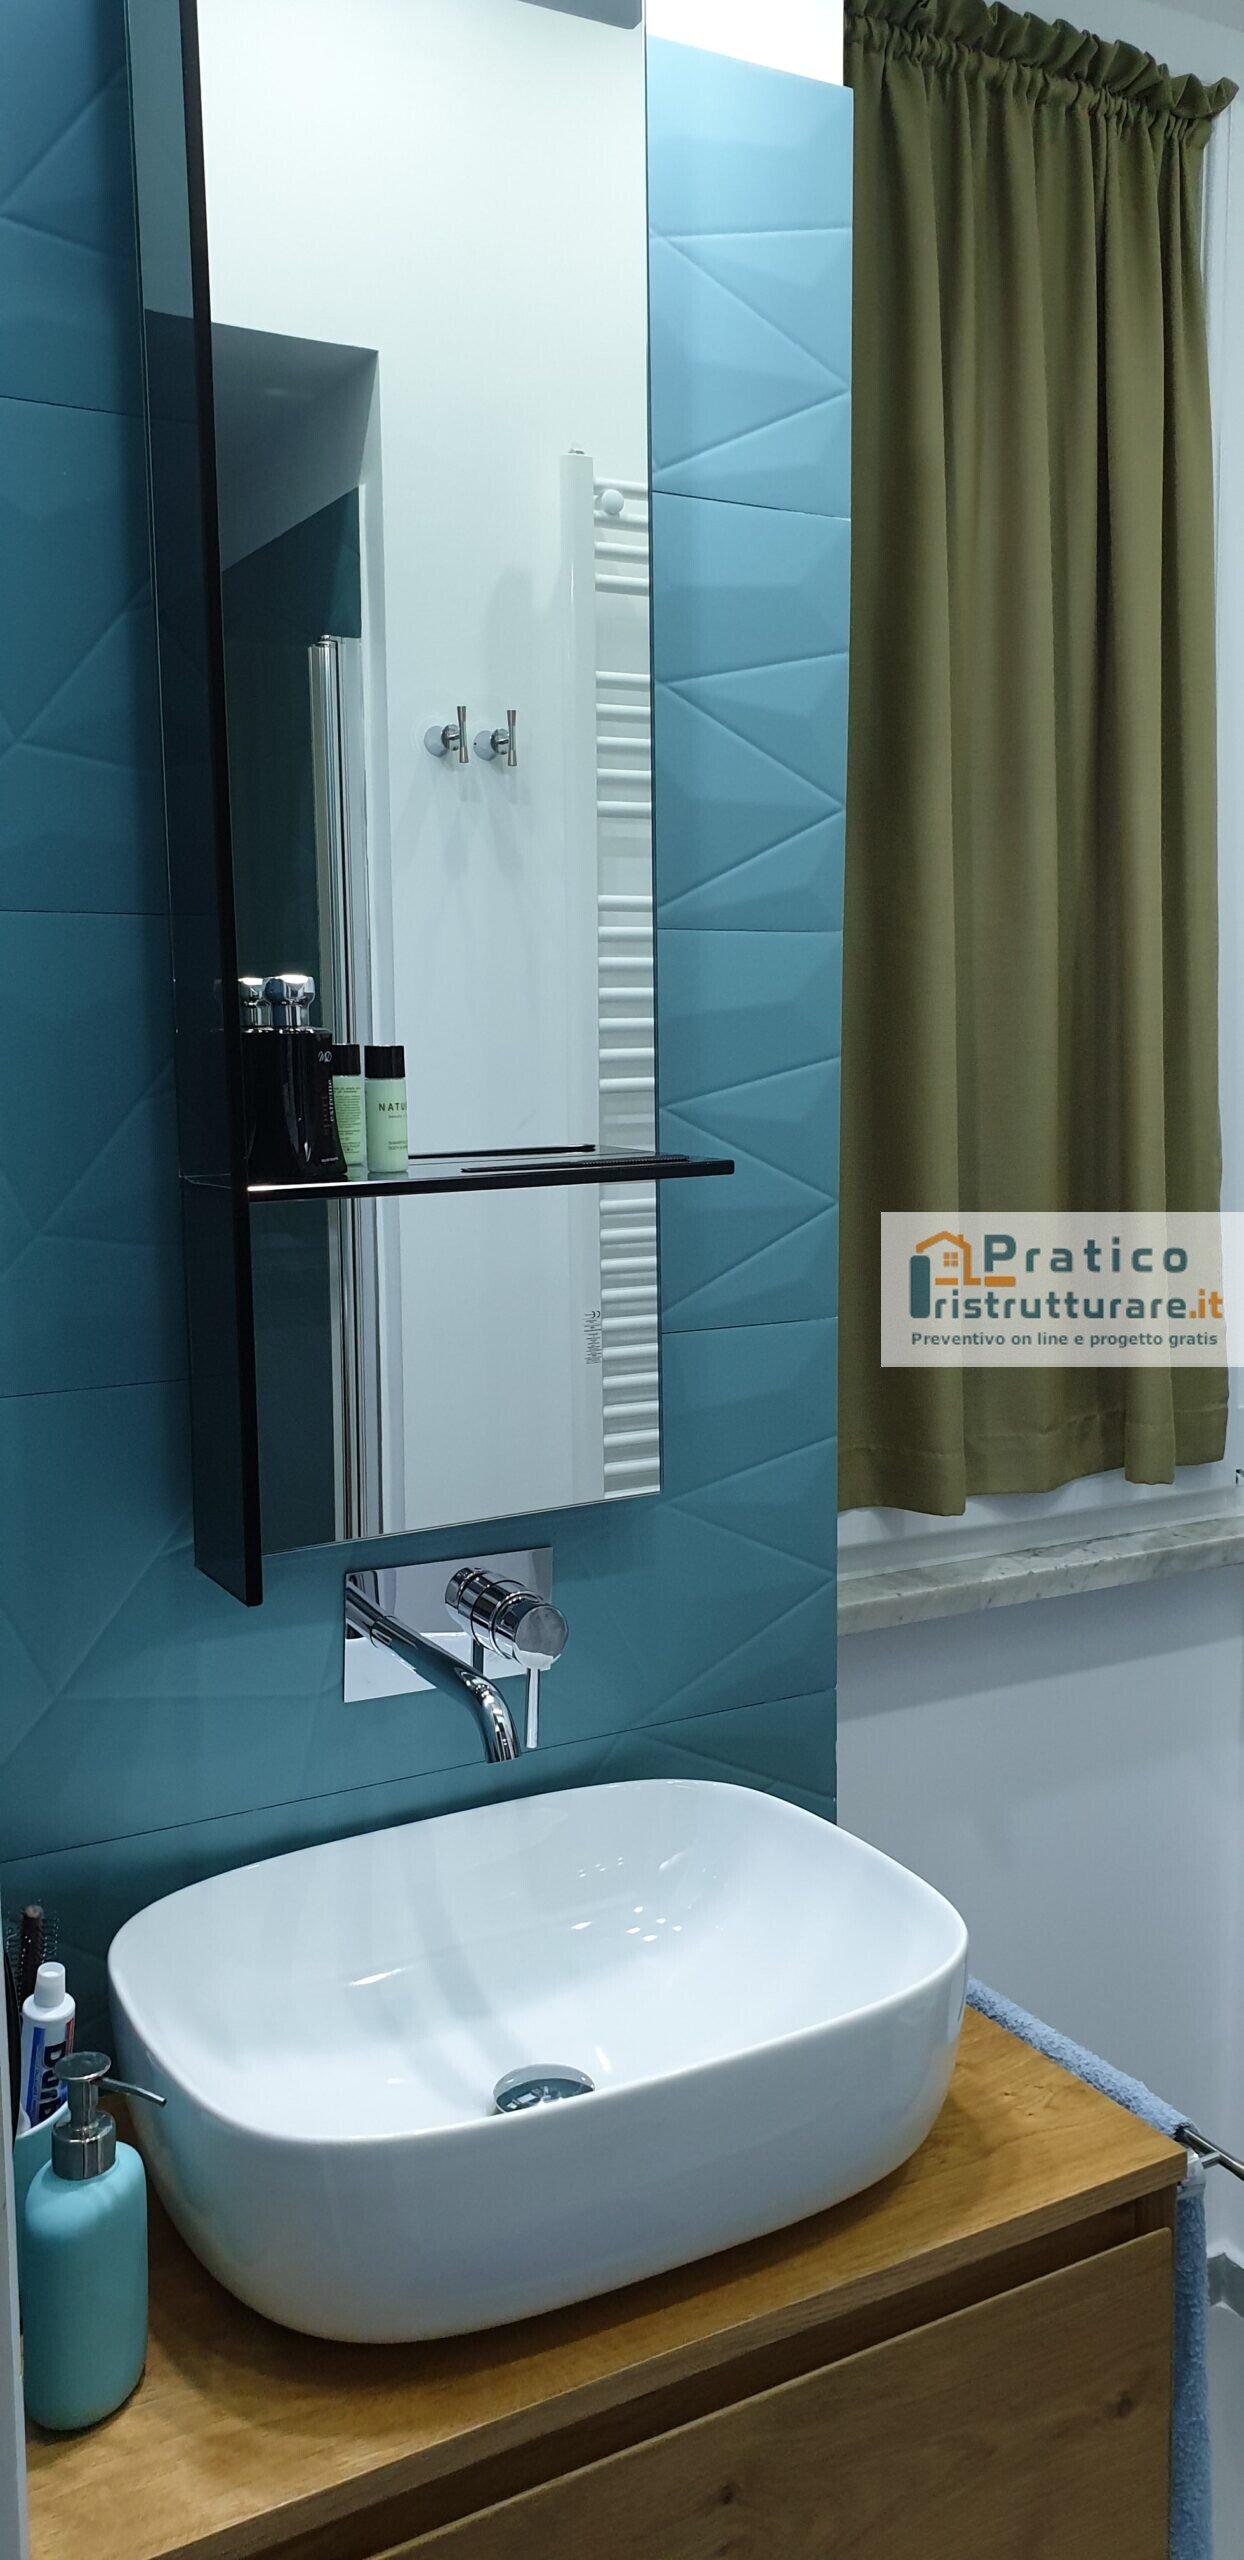 praticoristrutturare_bagno in camera1